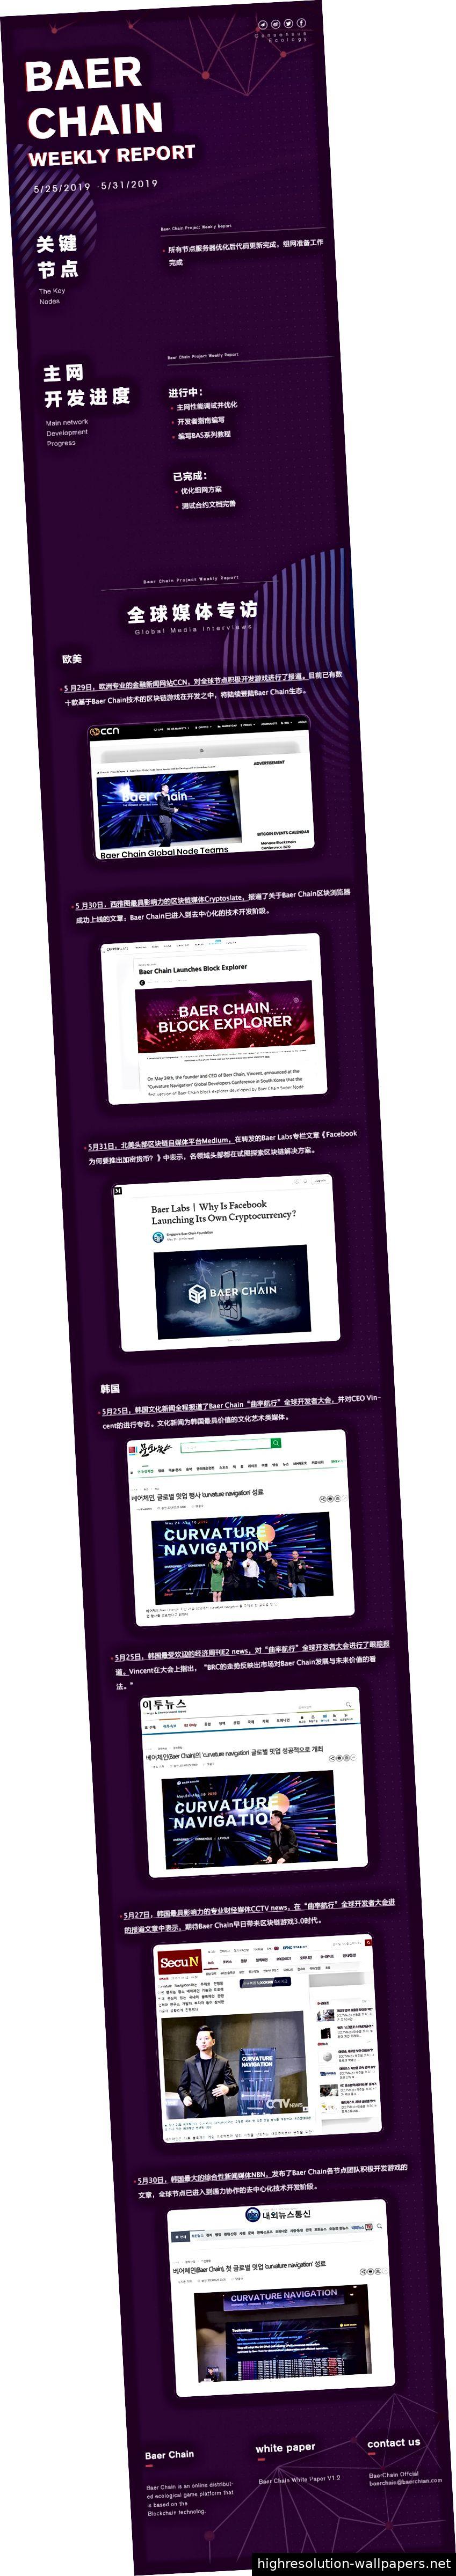 Wöchentlicher Bericht - Chinesische Version